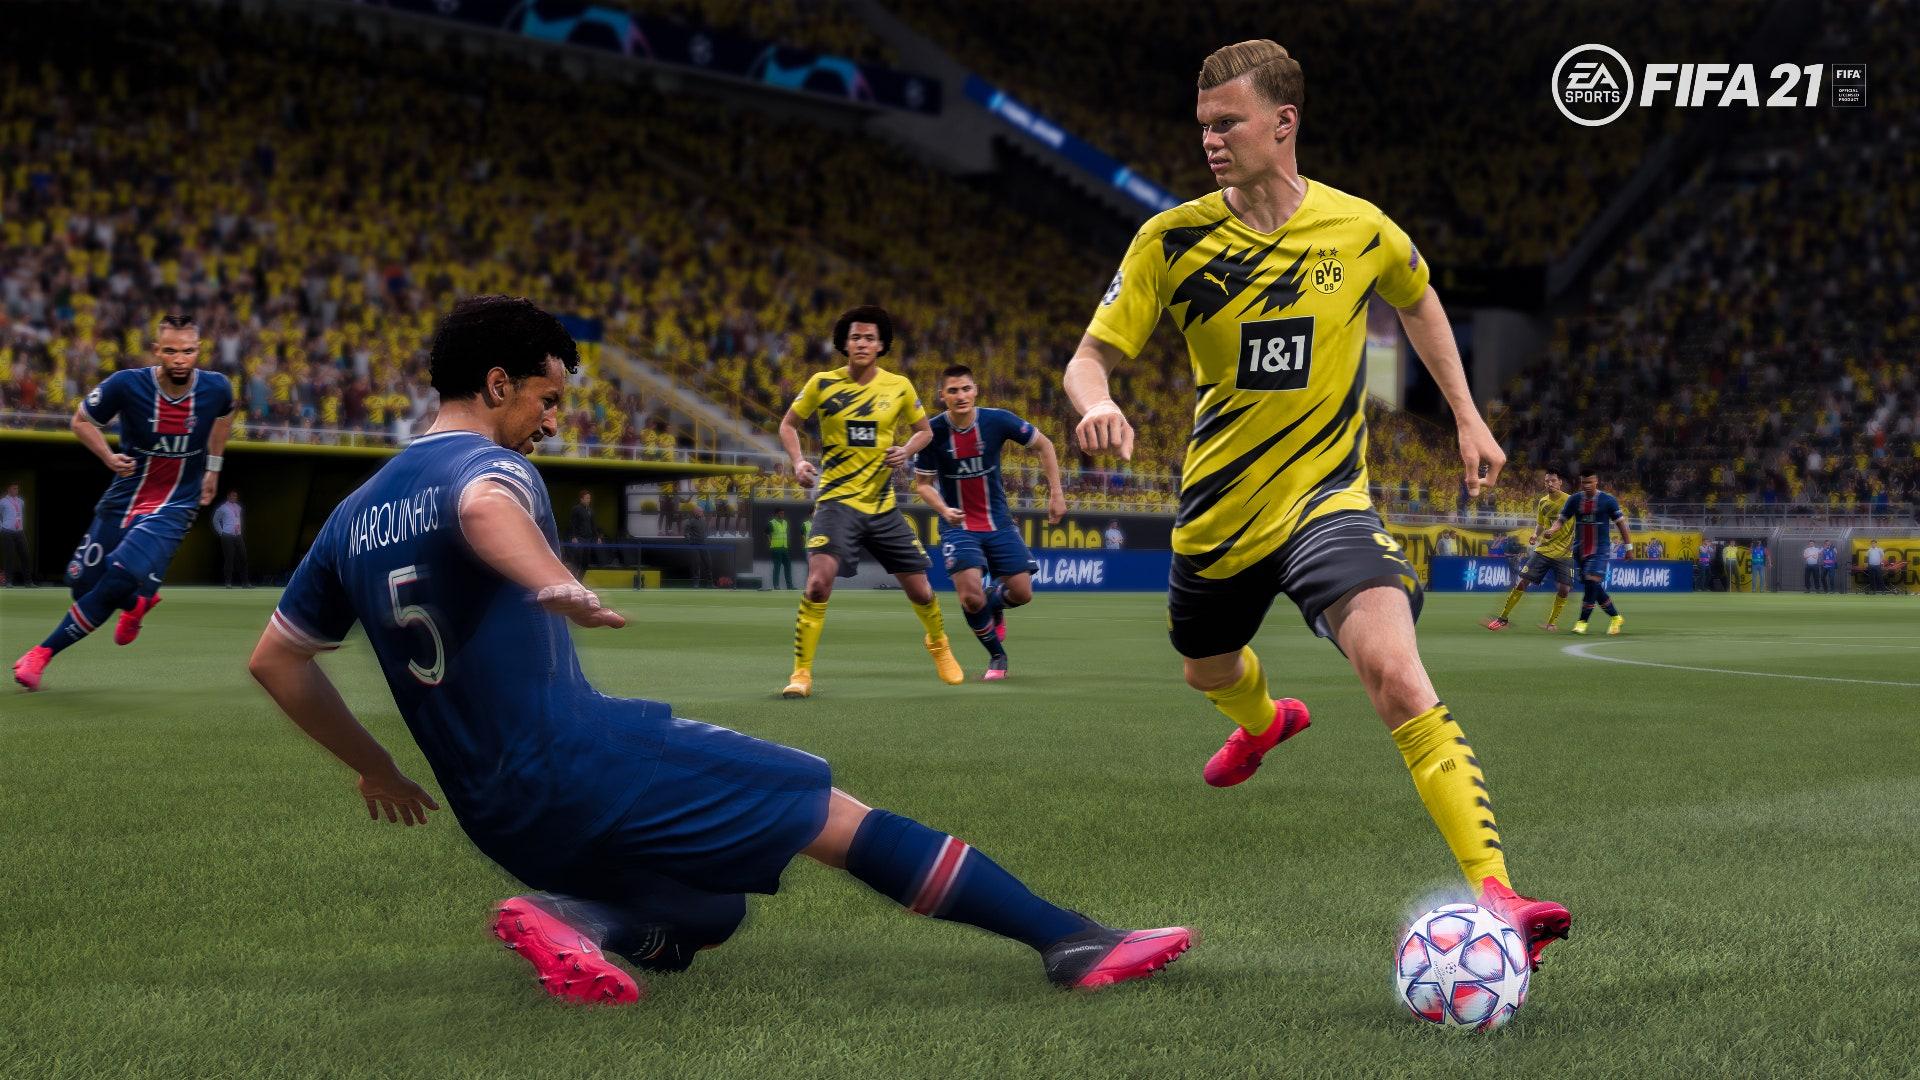 Next-gen verze FIFA 21 se ukazuje v prvních obrázcích